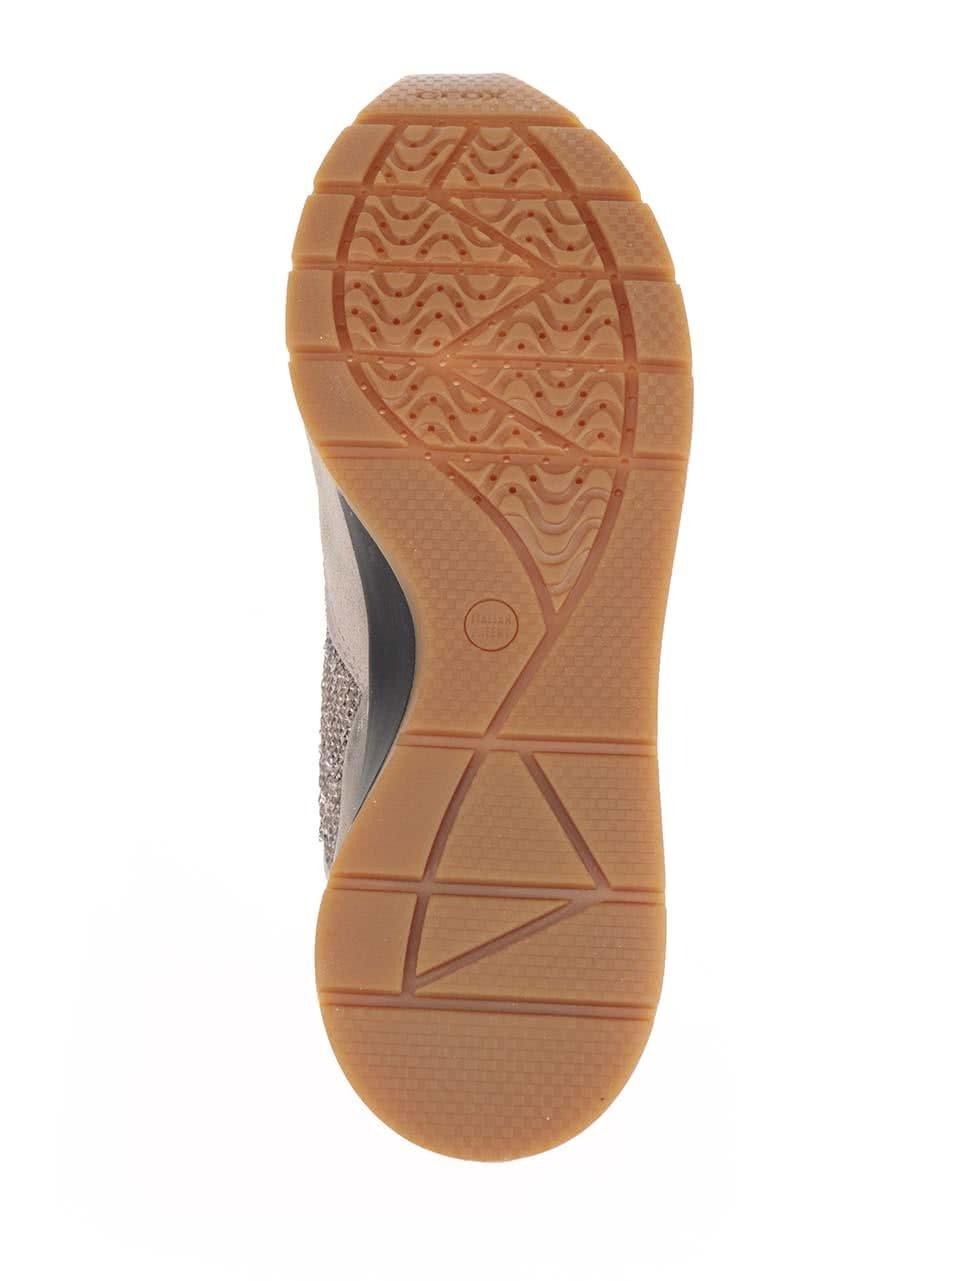 277b5ff0e85 Krémovo-béžové dámske tenisky so semišovými detailmi Geox Shahira ...